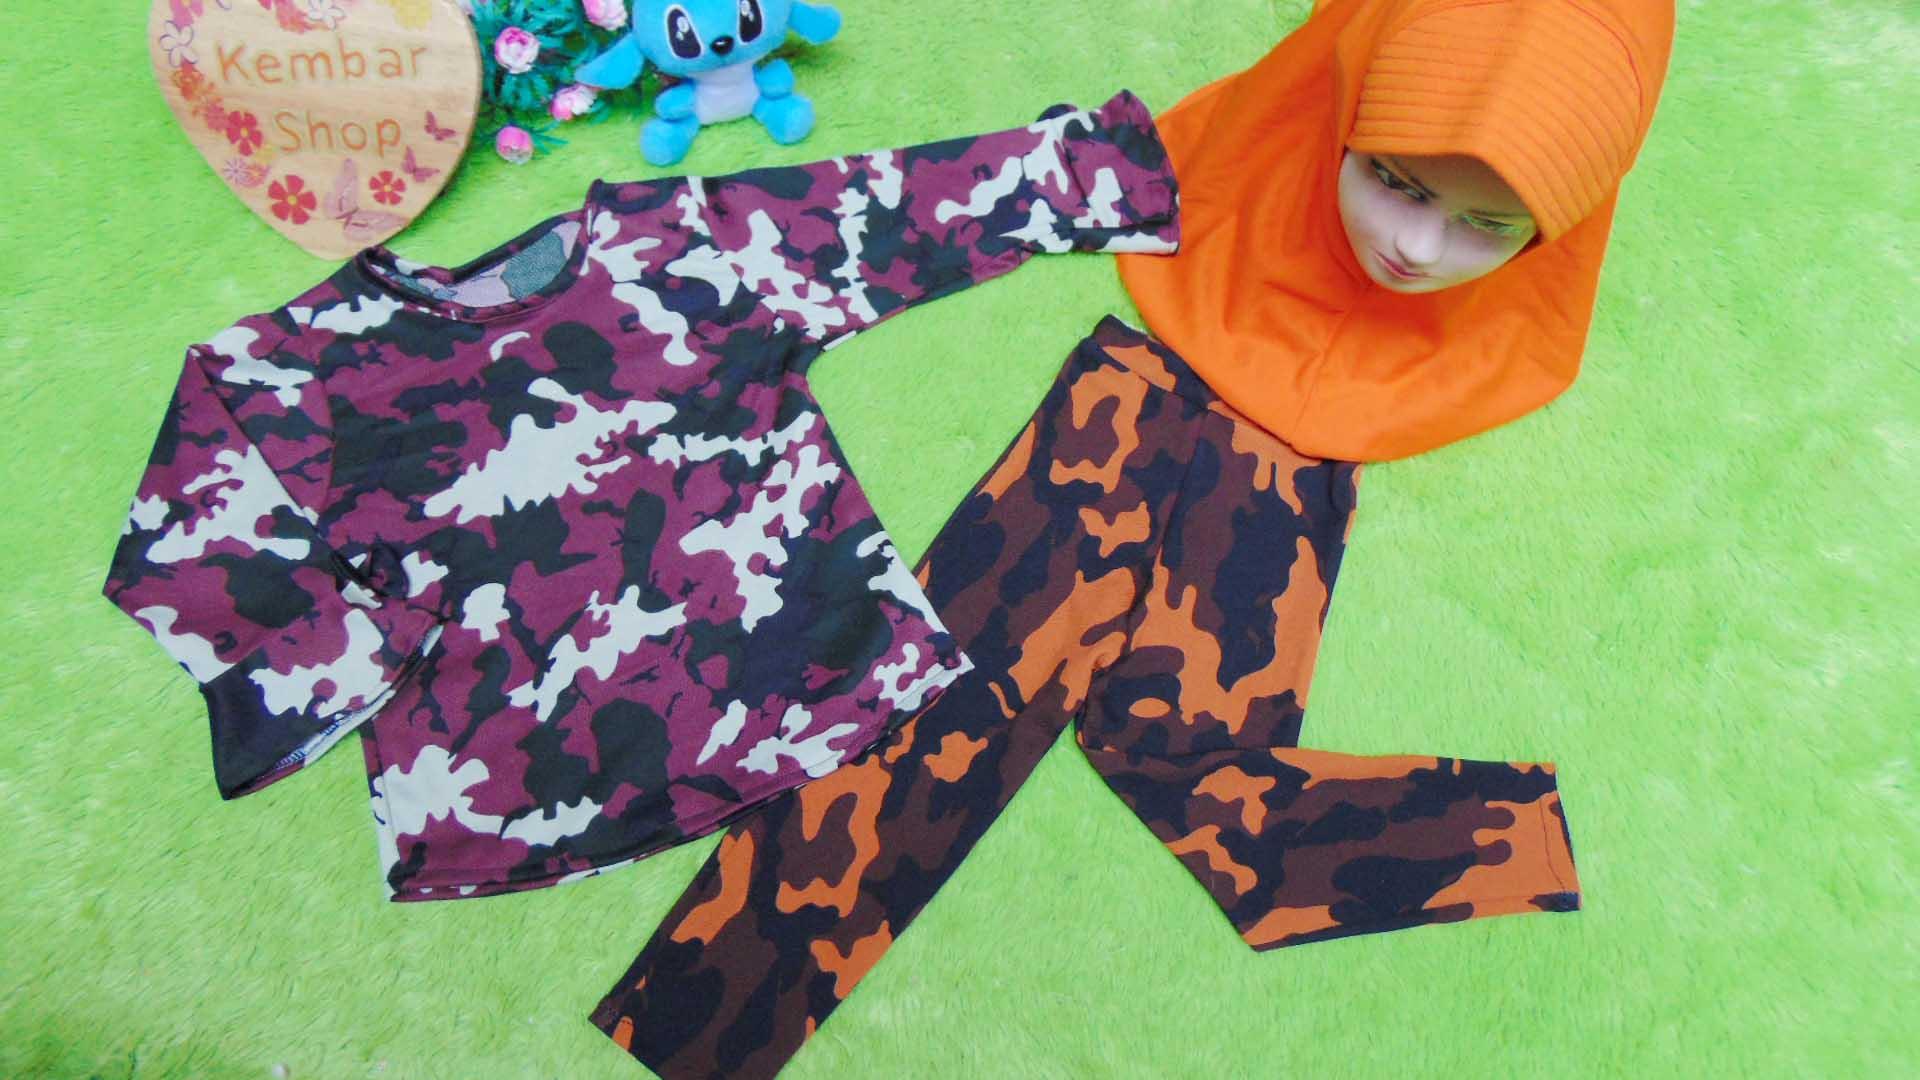 PLUS HIJAB setelan baju legging muslim anak Aisyah gamis bayi 1-2th jilbab army 59 lebar dada 28cm, panjang baju 36cm, panjang celana 48cm